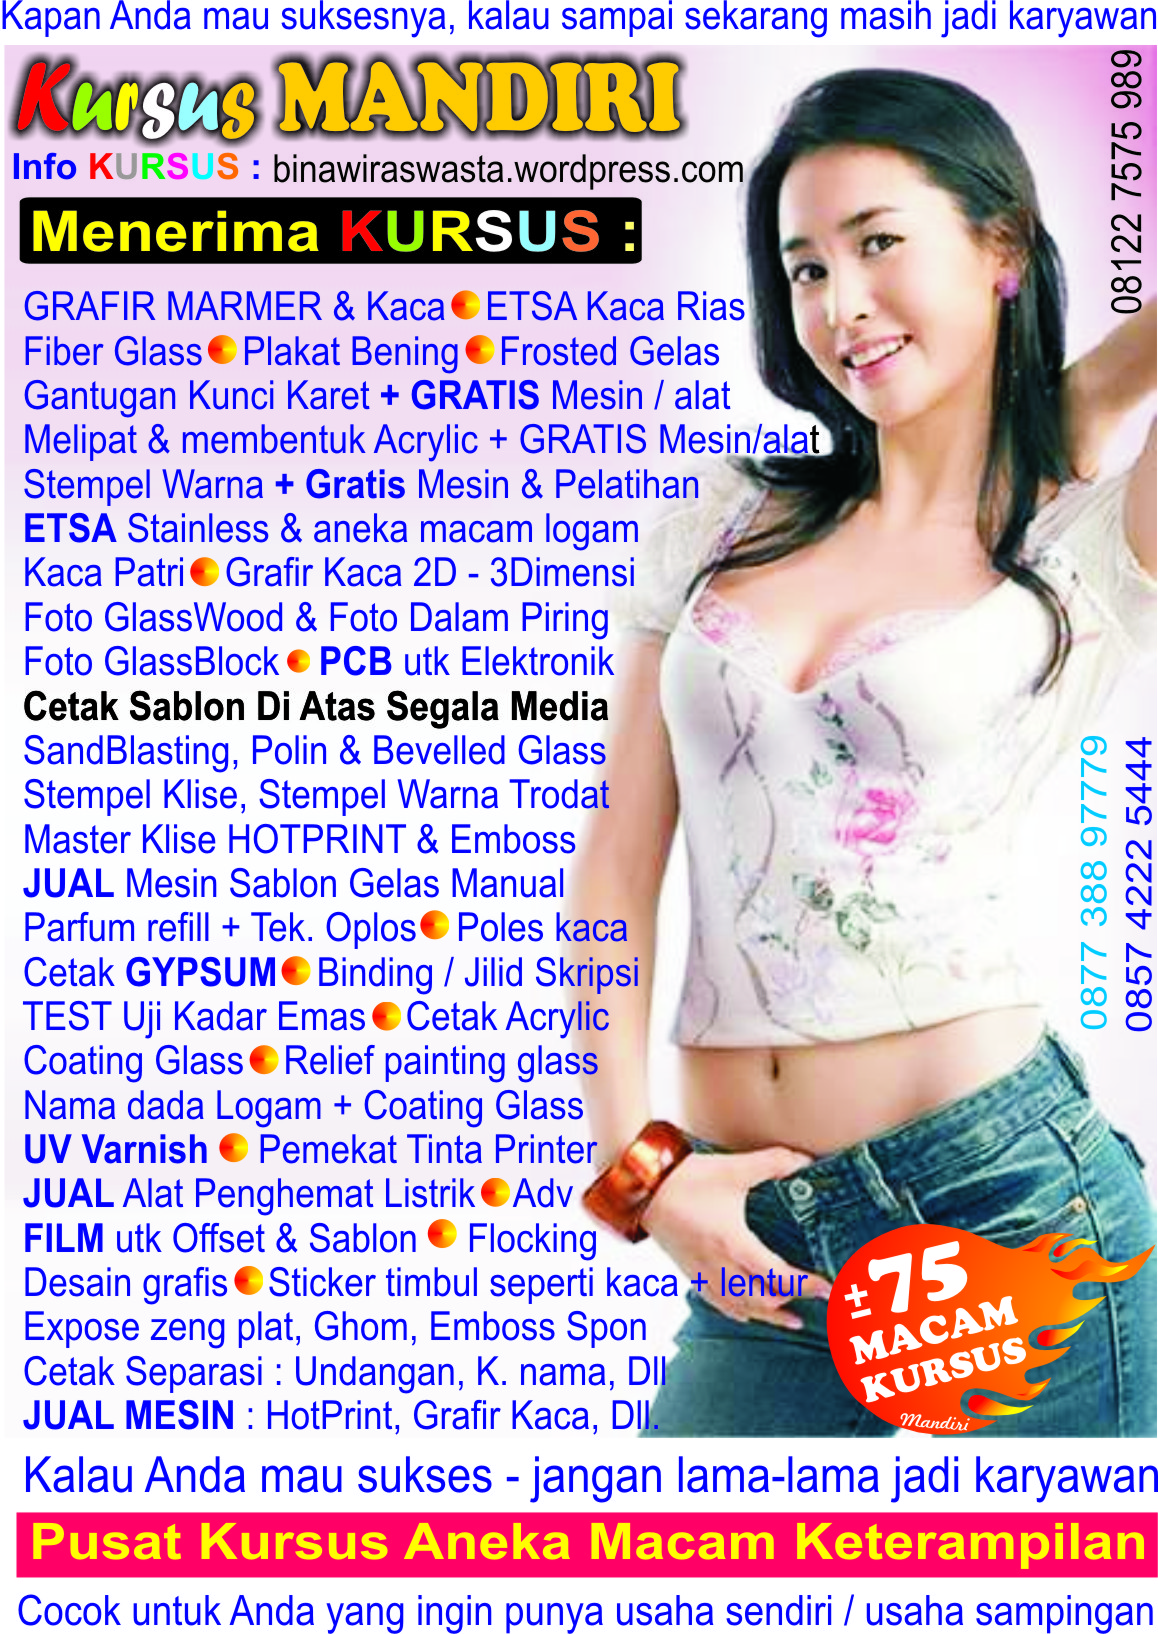 Daftar Nama Perusahaan Di Medan Daftar Perusahaan Di Bekasi Daftarco Daftar Nama Nama Perusahaan Swasta Di Indonesia Search Results